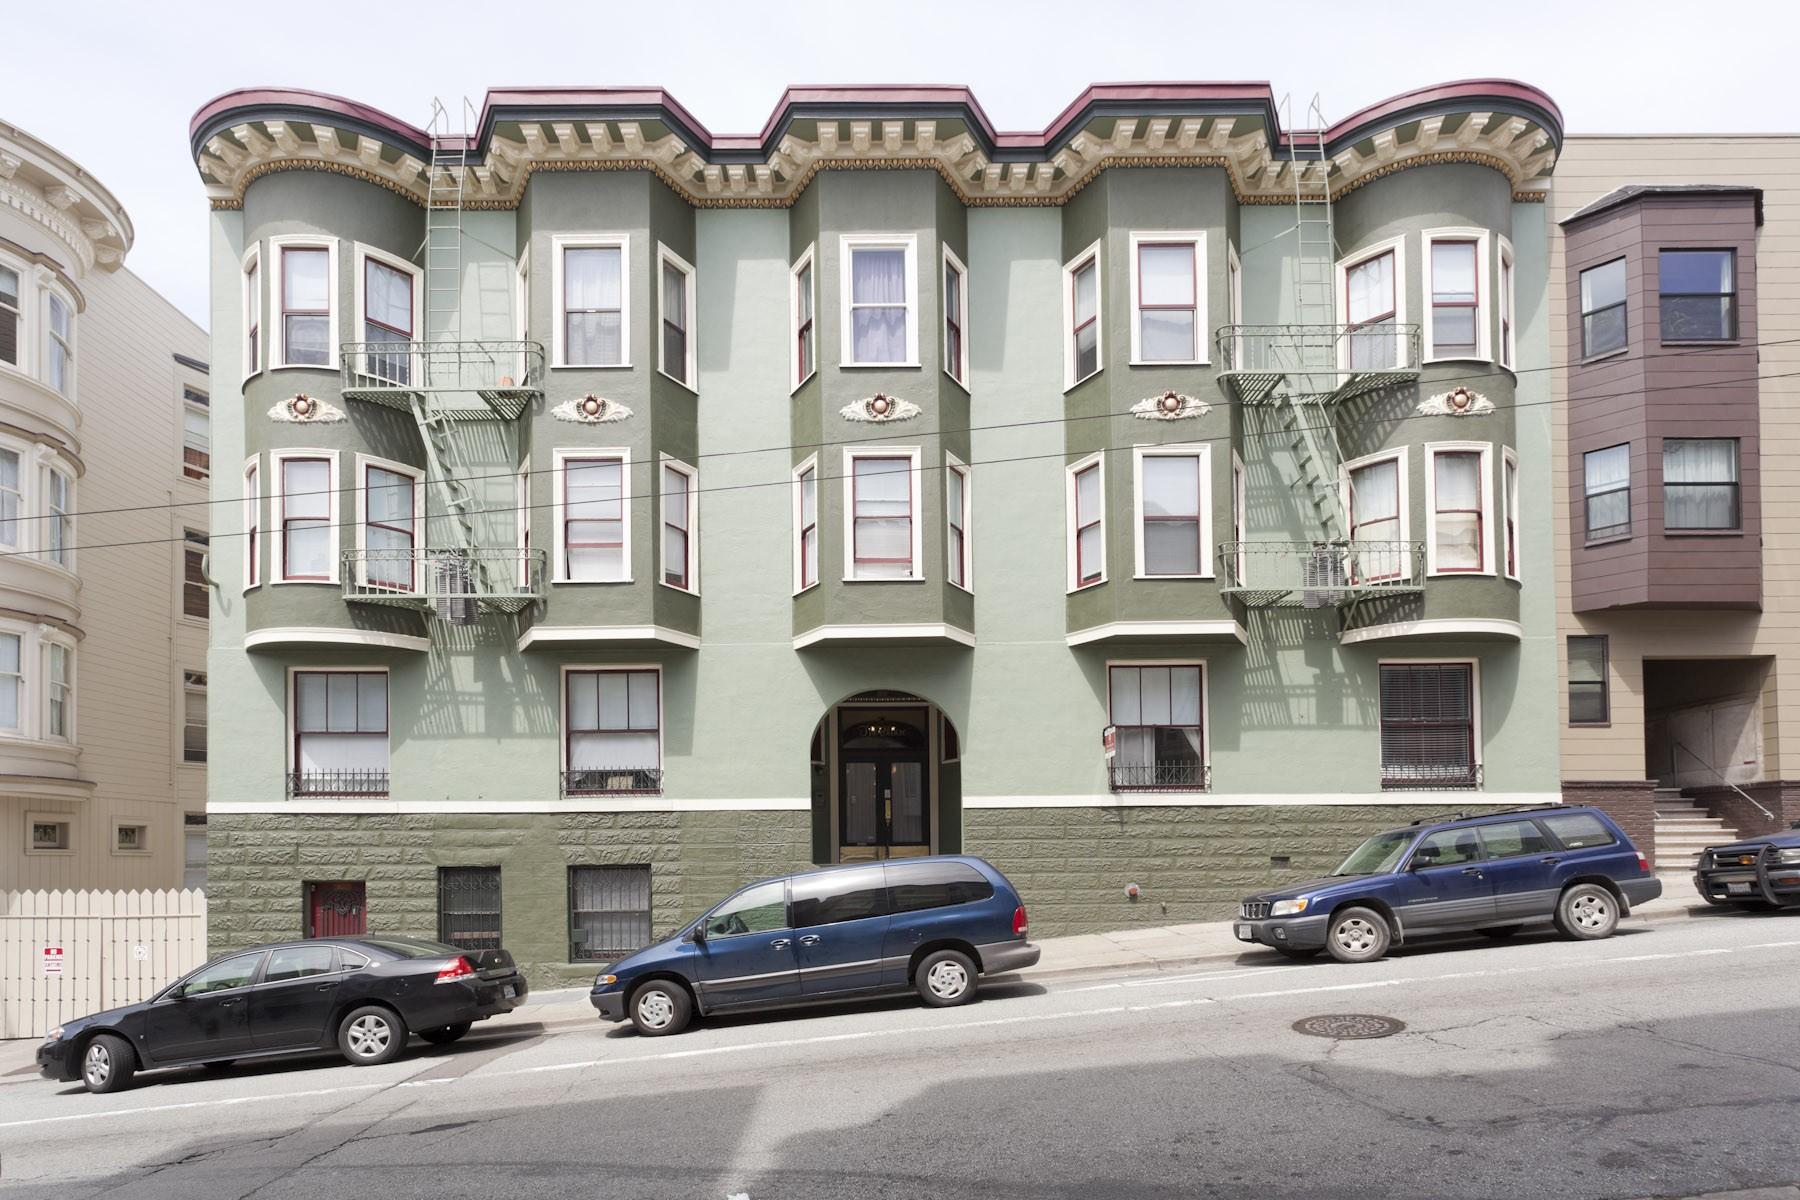 1560 SACRAMENTO Apartments & Suites